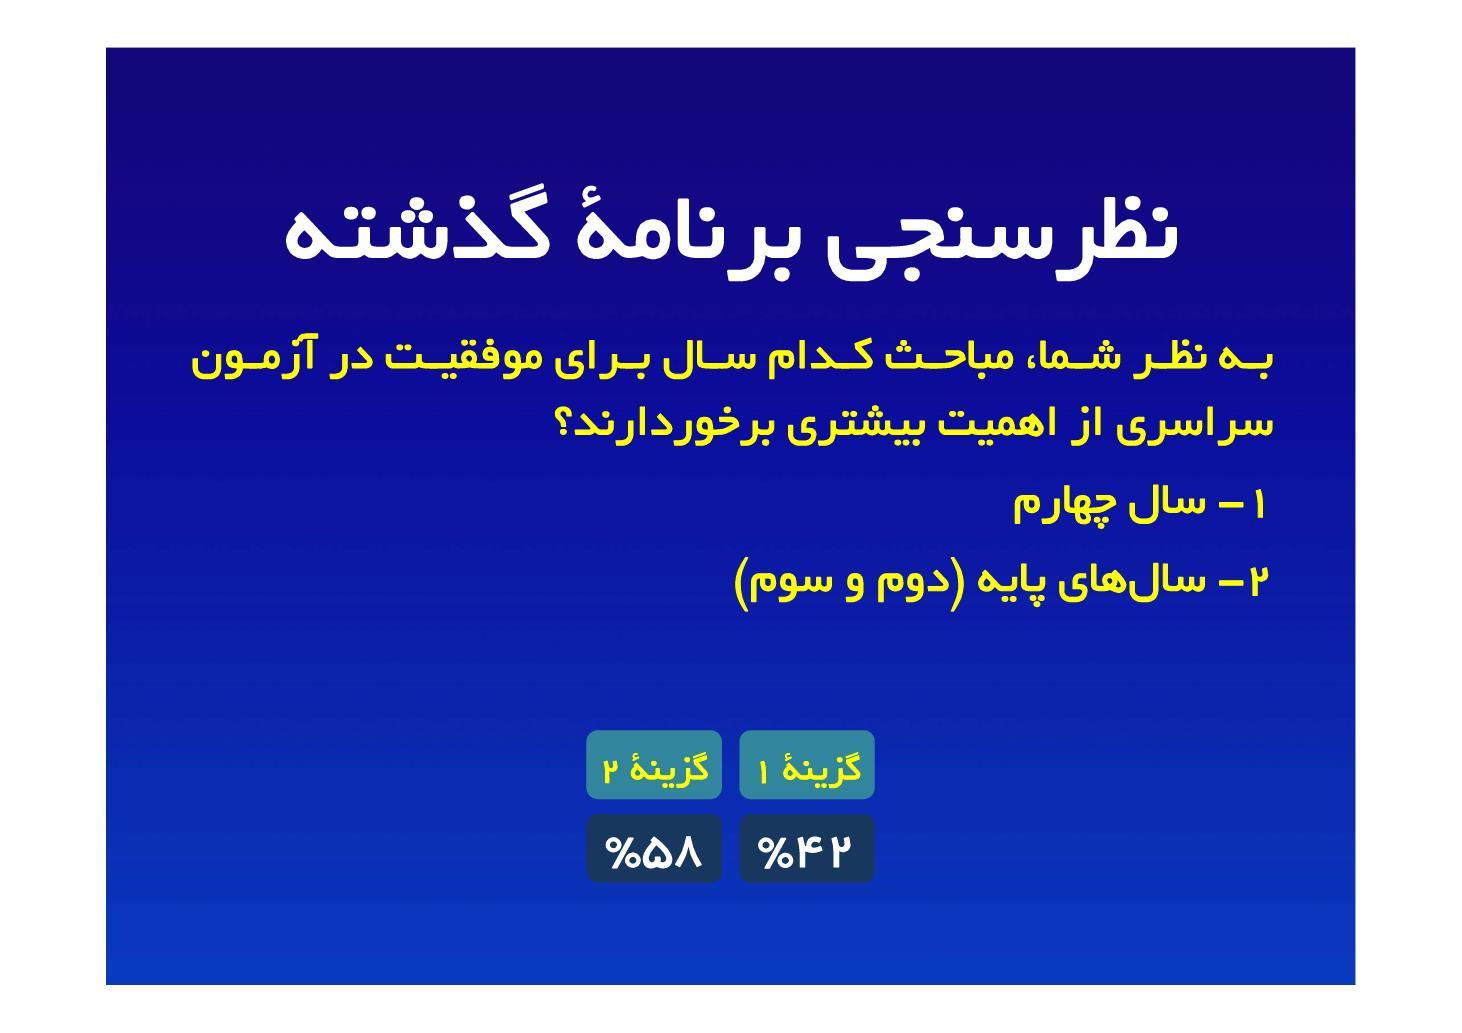 گزینه جوان / 23 فروردین : مطالعه و برنامه ریزی در اردیبهشت  - ویژه داوطلبان آزمون سراسری  (PDF)